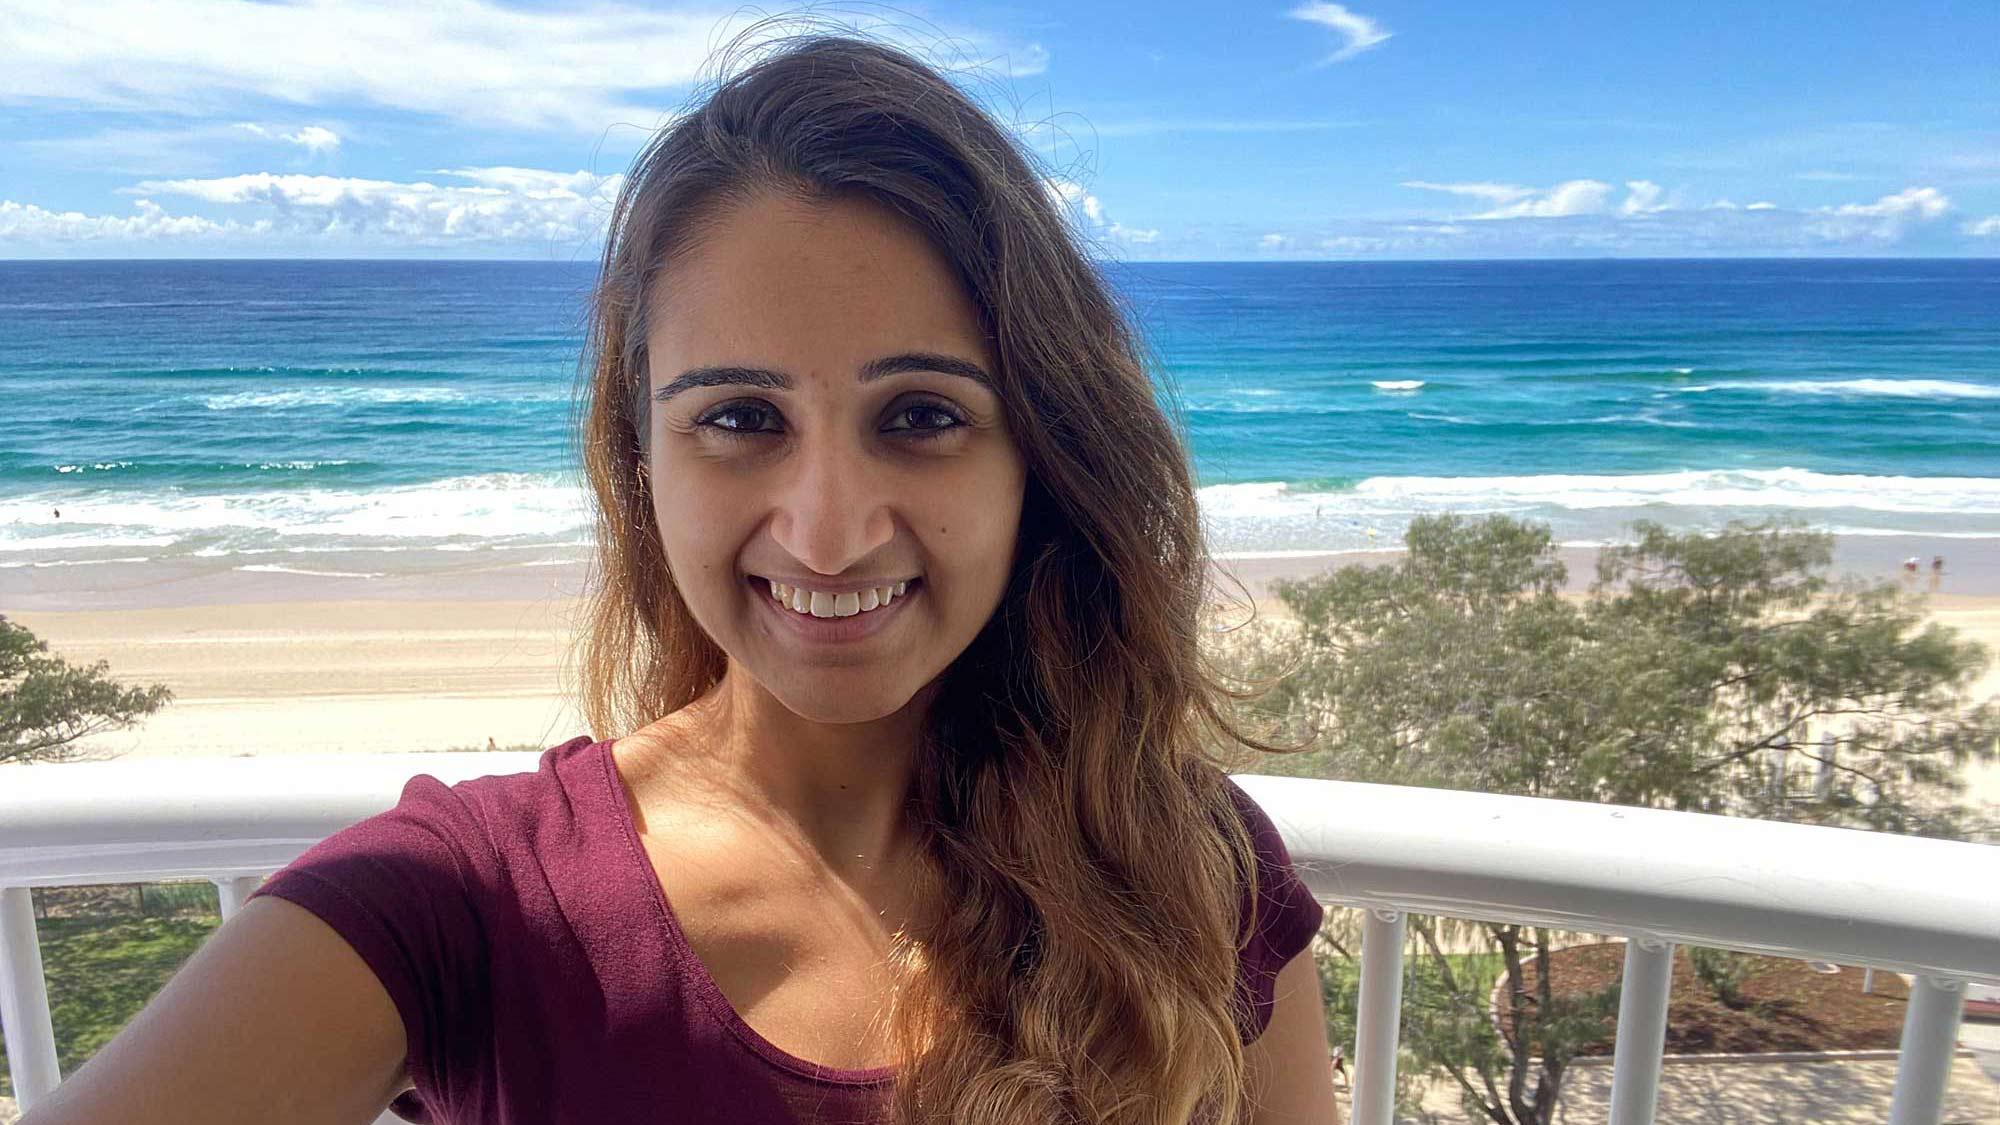 BDO Brisbane's Amishree Raivadera reflects on change image